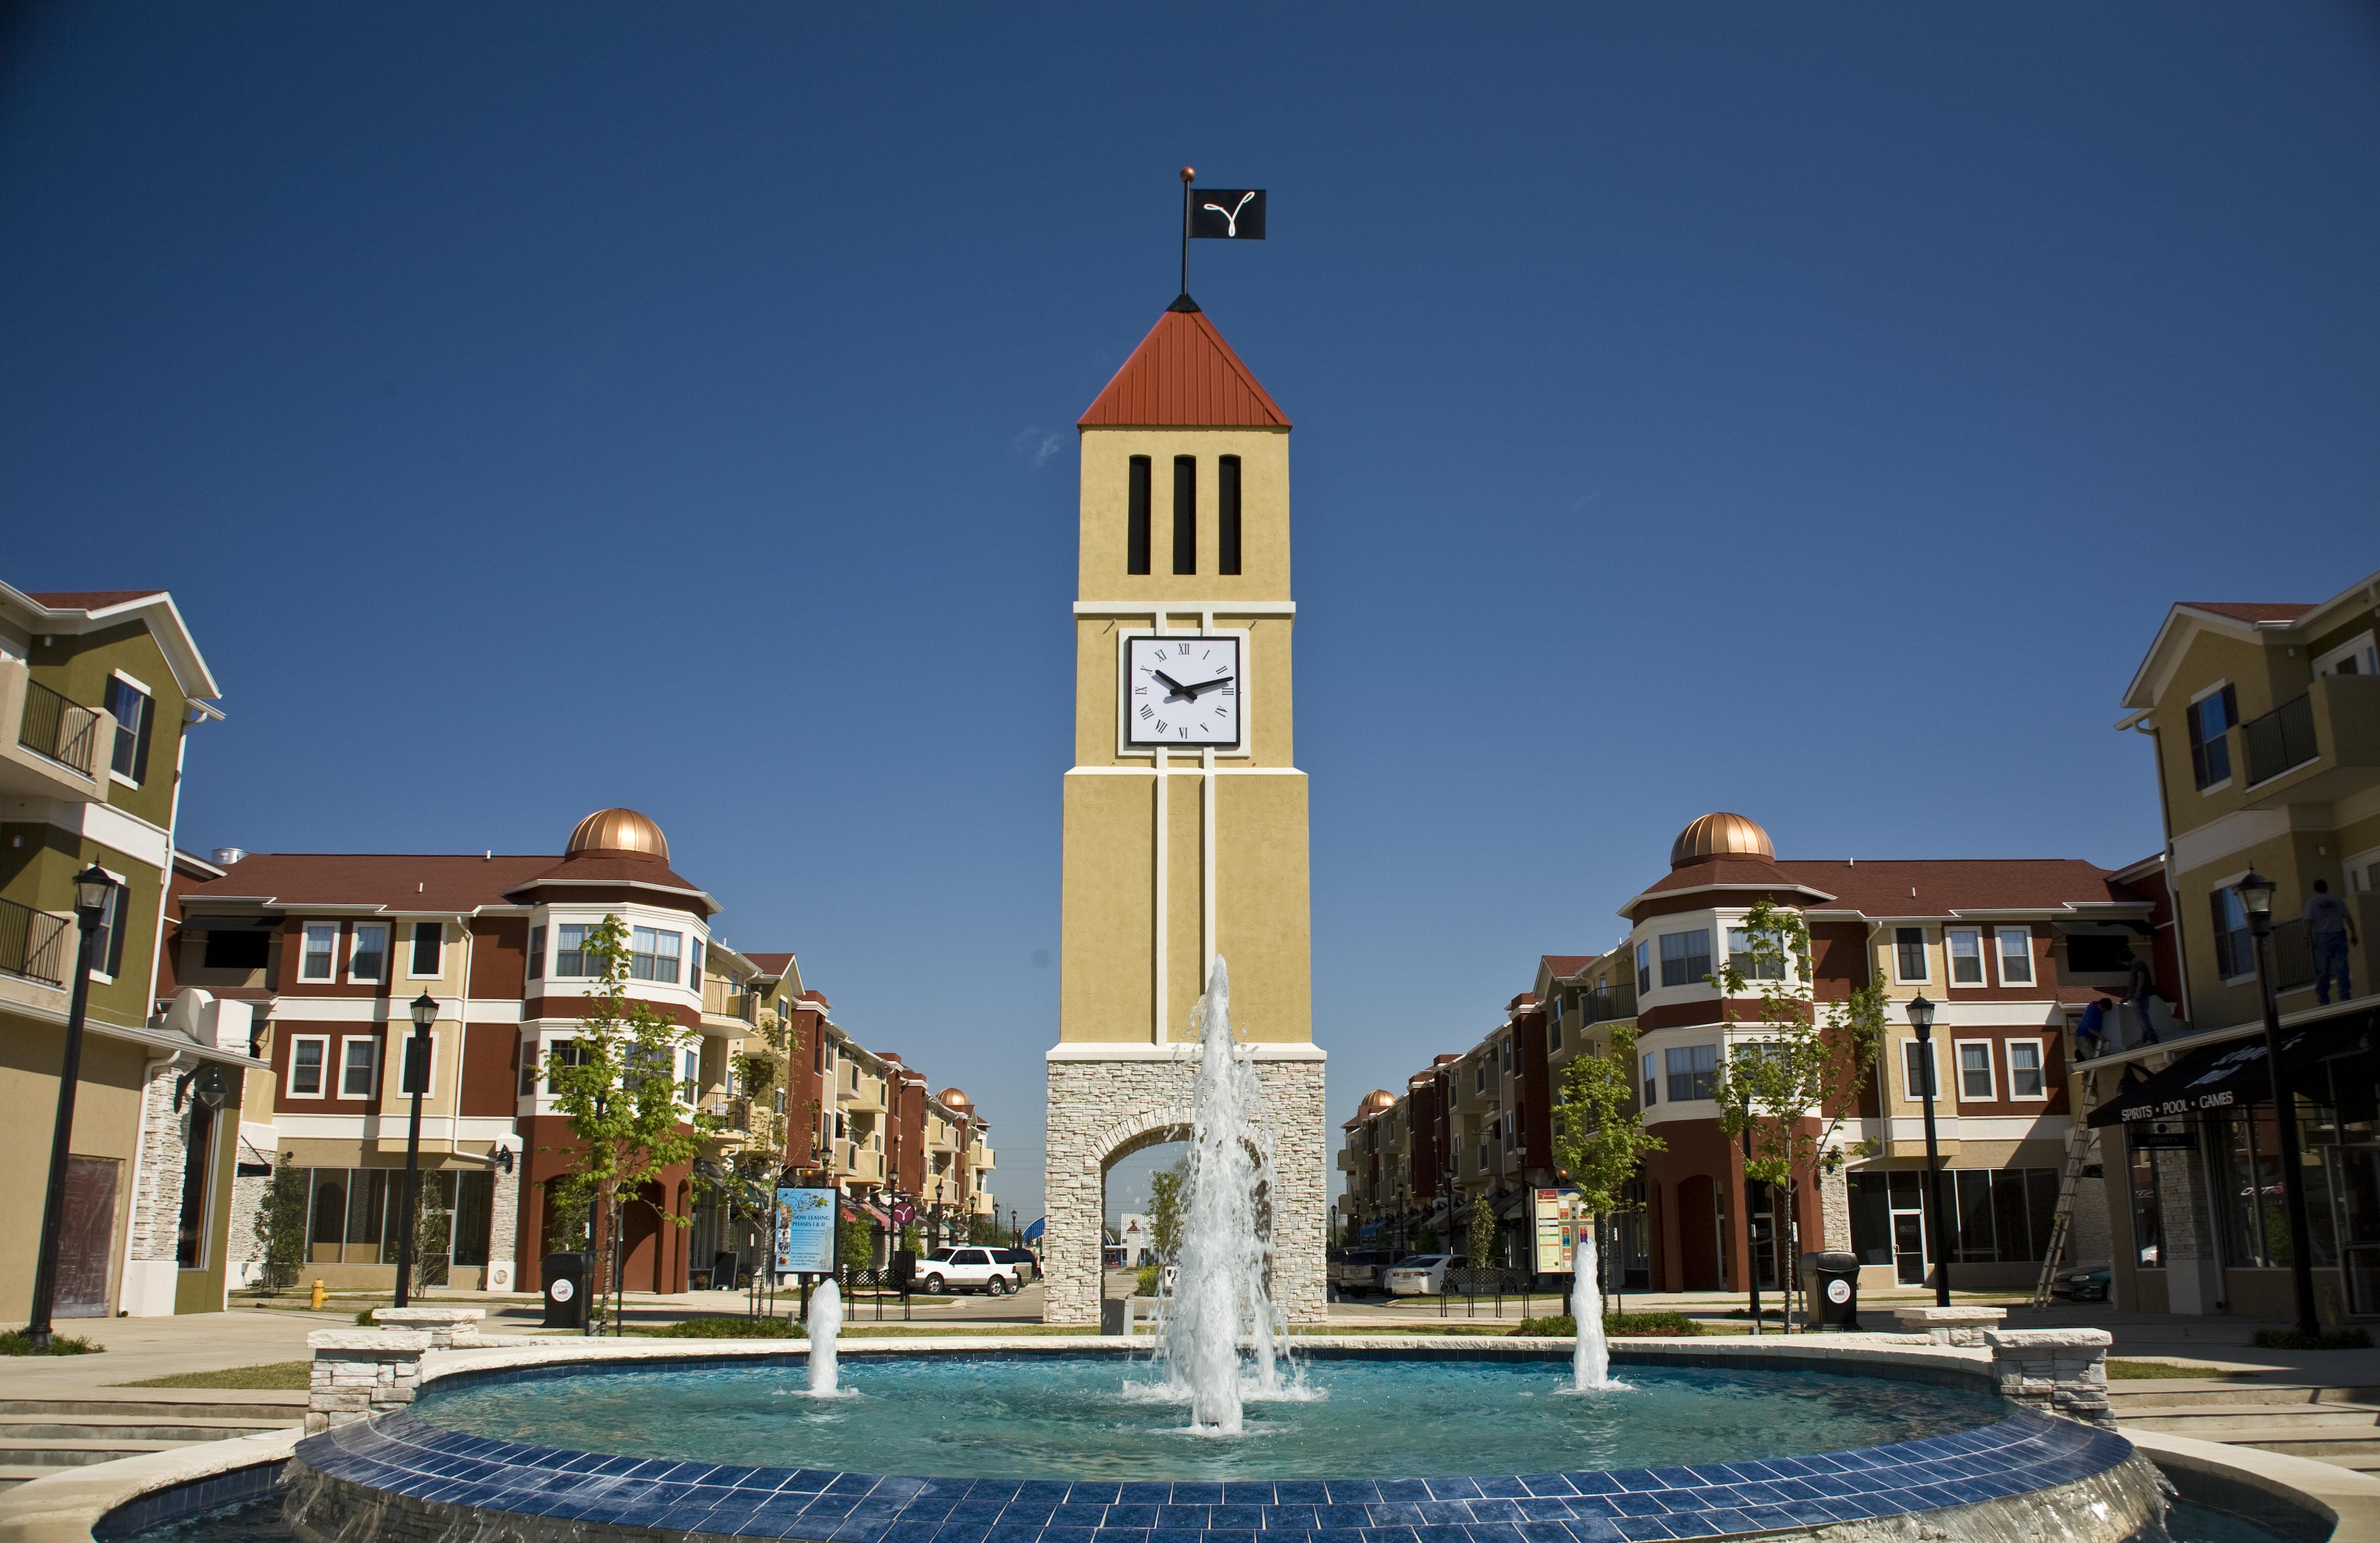 Clock tower and fountain in Villaggio, Bossier, Louisiana